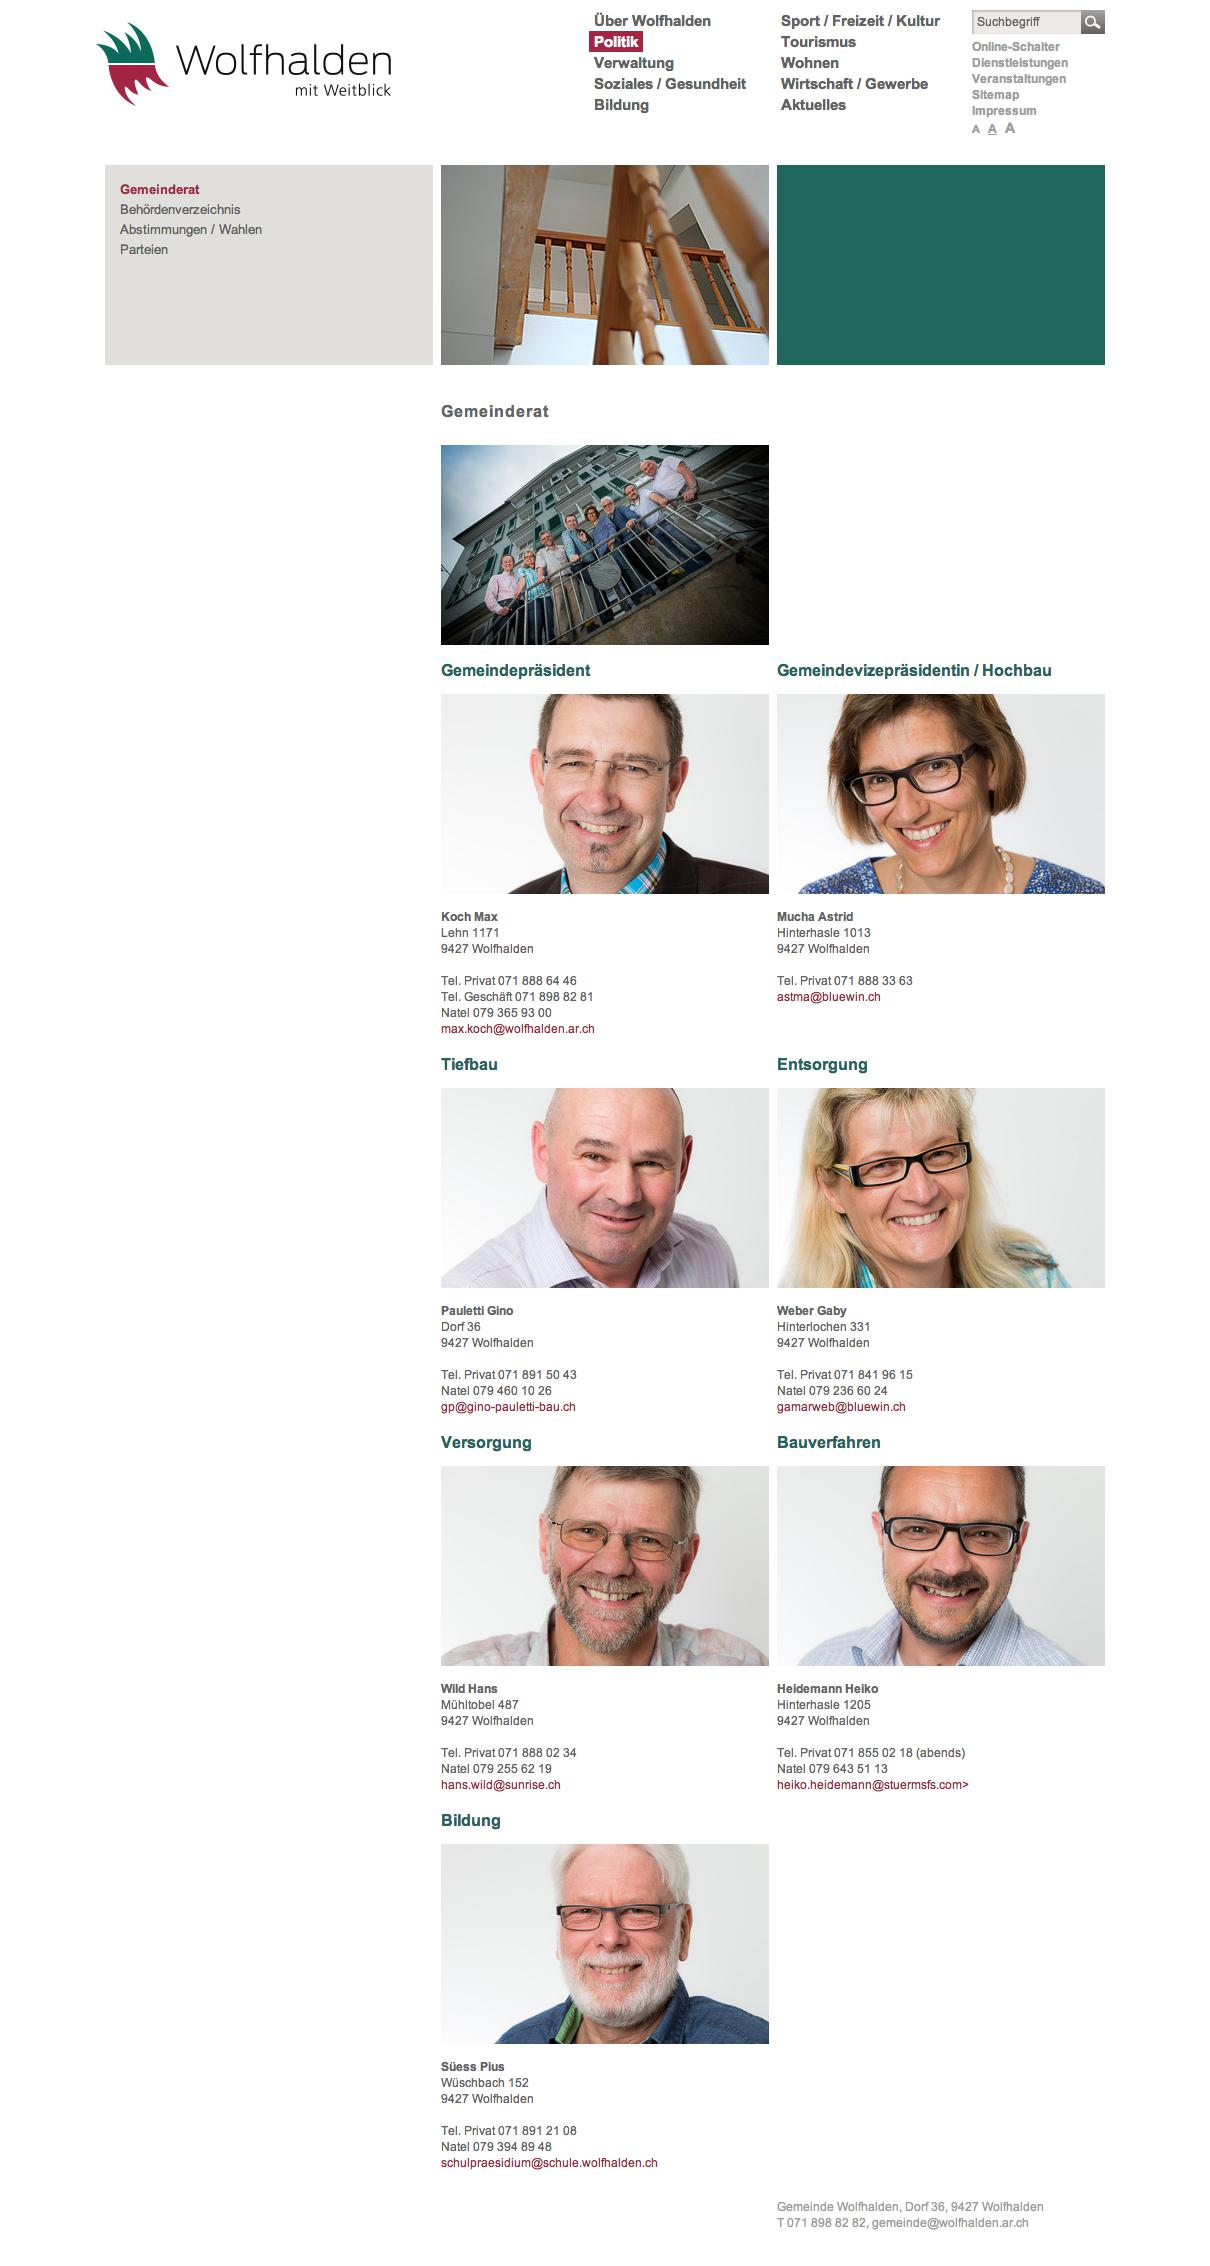 Moderne Porträtfotos des Gemeinderates und der Verwaltungsmitarbeiter.  Ein Auftrag der Gemeinde Wolfhalden.